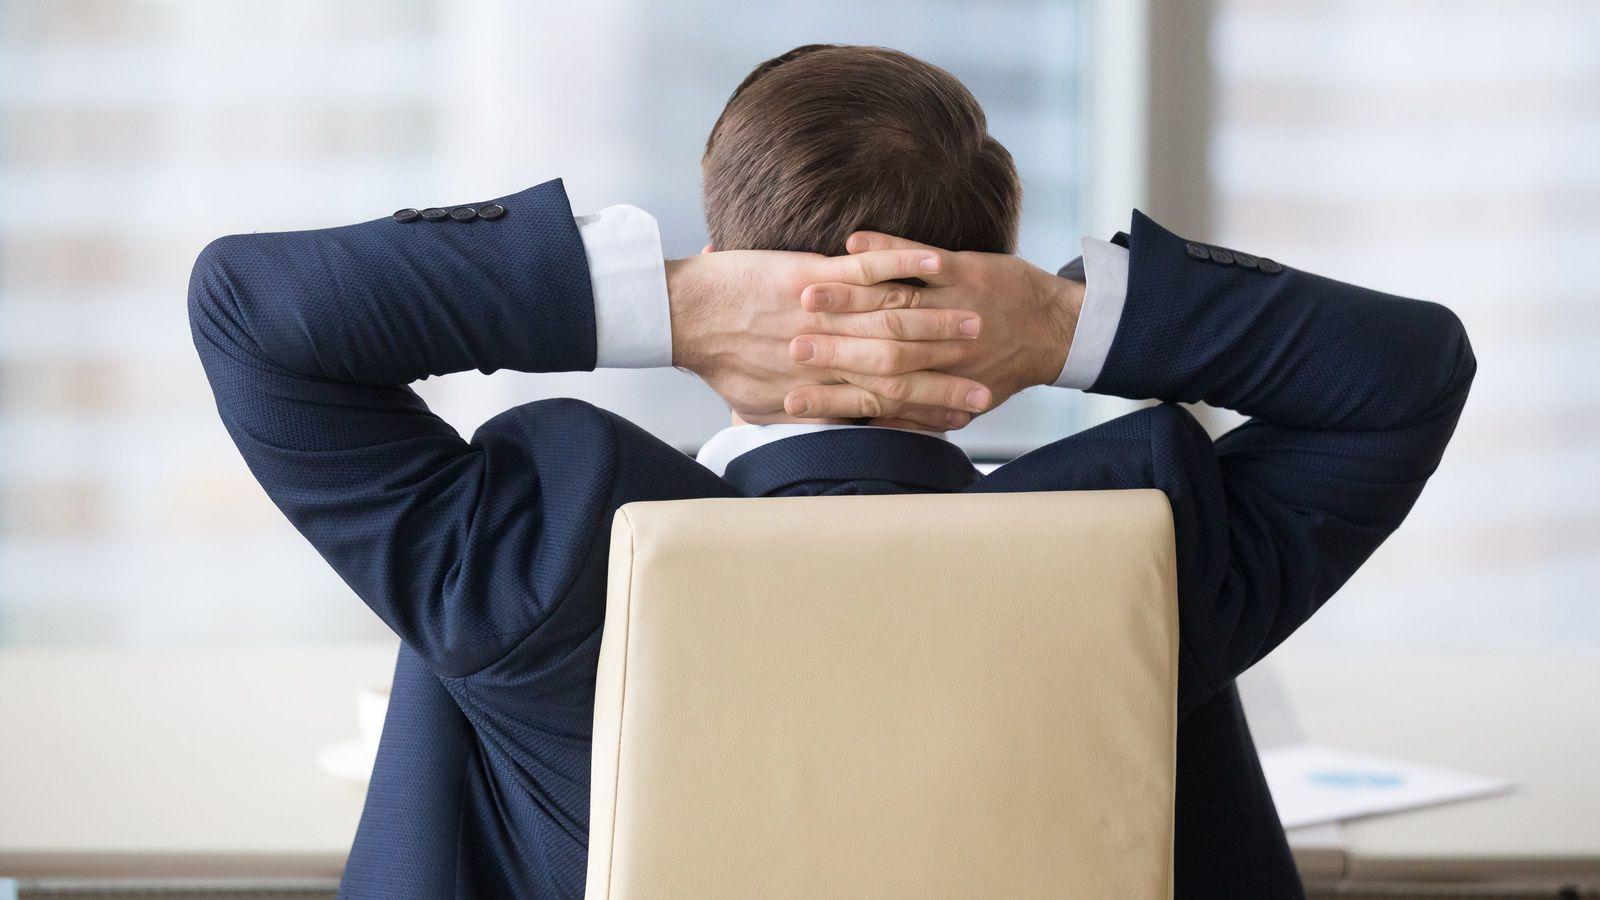 「こっそり上司の席に座る」といい部下になれる 「ウマが合わない」と悩むなら…